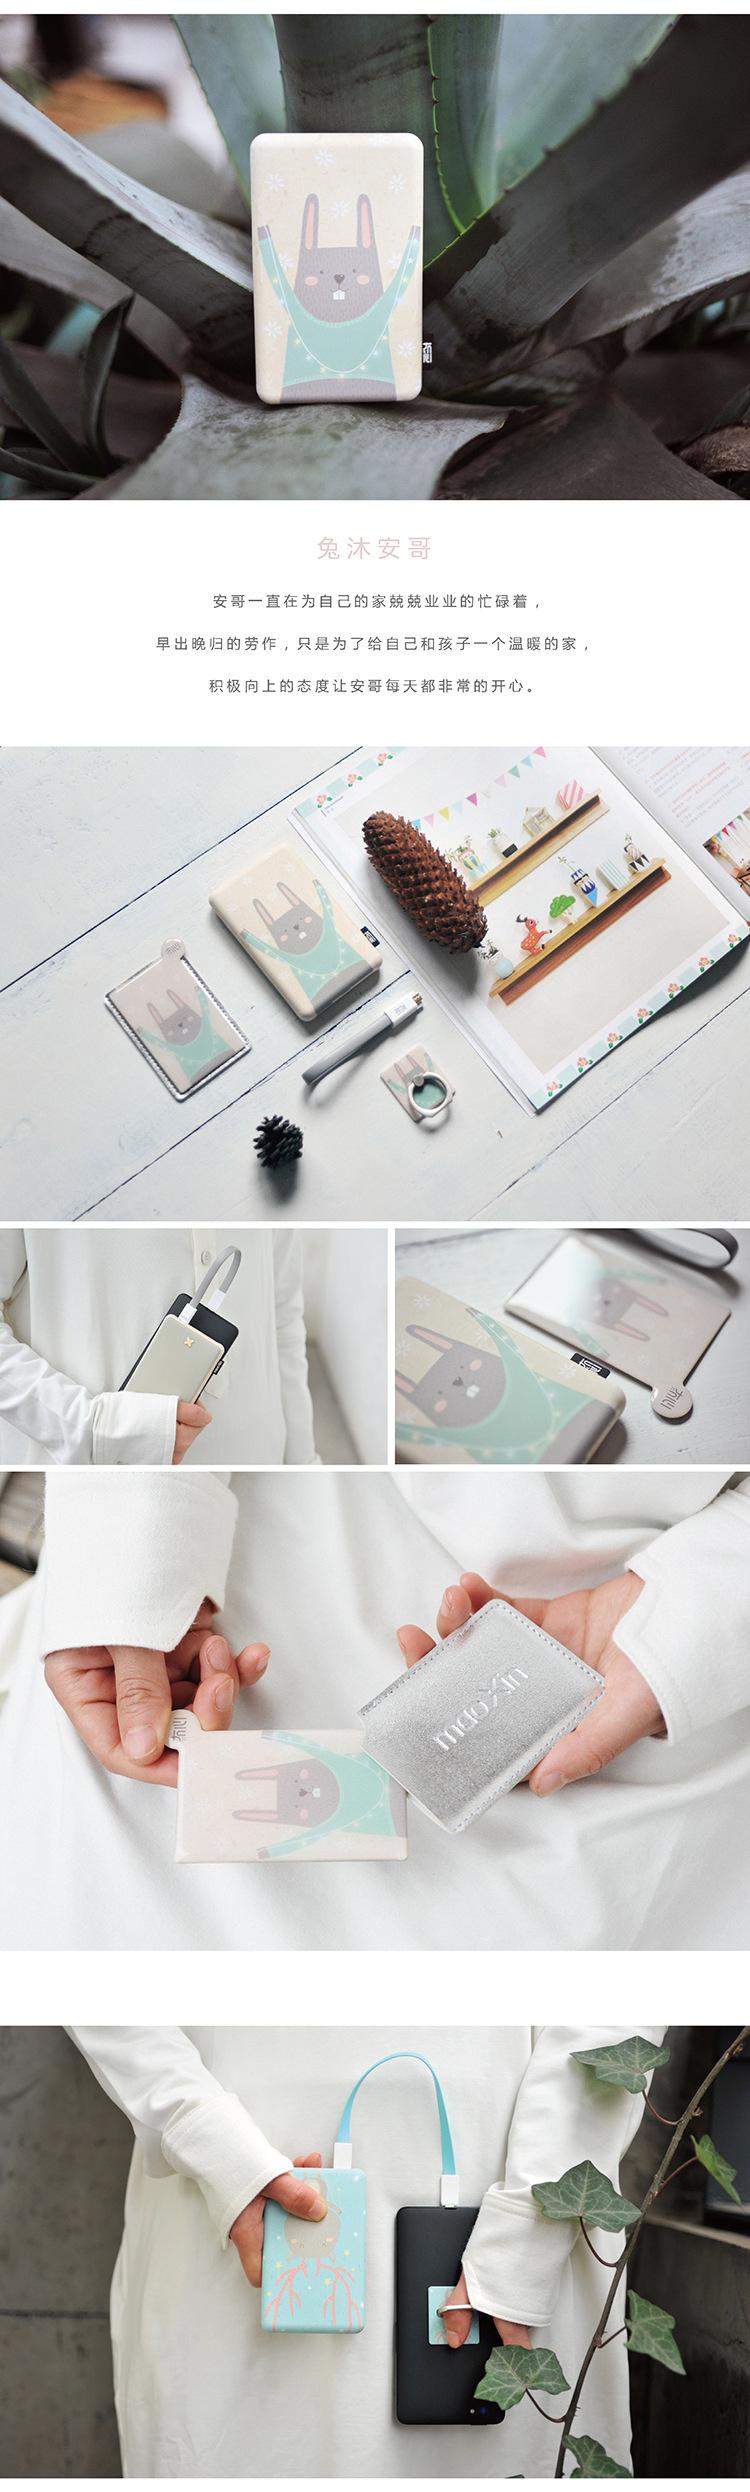 Cửa hàng phụ kiện chất lượng cao   No new original art heart Tong Mu forest mobile power charging t